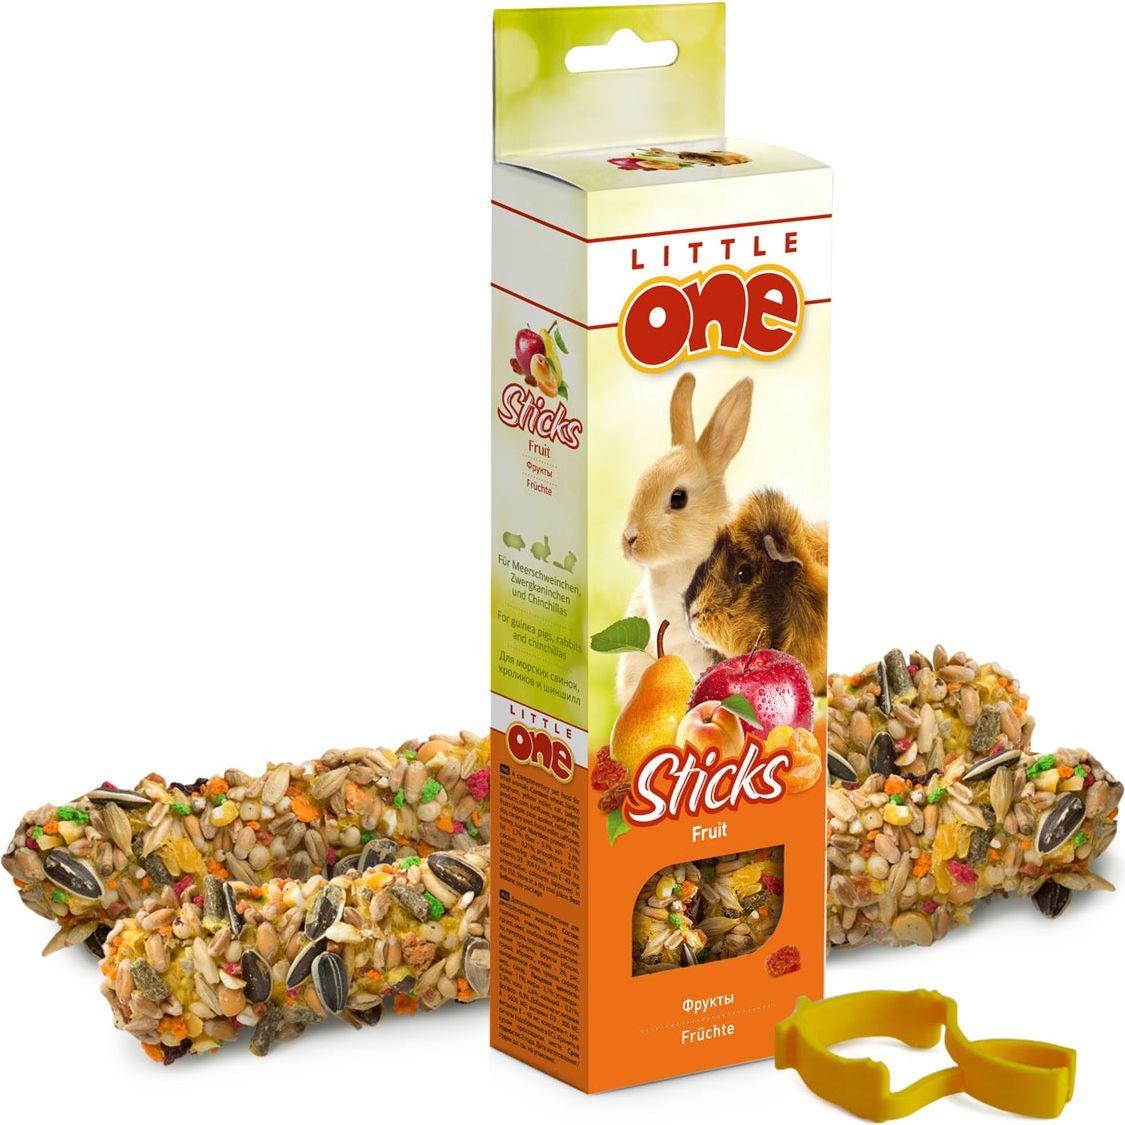 Лакомство для морских свинок, кроликов и шиншилл Little One Sticks, с фруктами, 2 х 60 г56832Лакомство Little One Sticks с фруктами - это дополнительное питание для морских свинок, кроликов и шиншилл. В процессе производства палочки запекают в специальных печах особым способом, это обеспечивает превосходный вкус и хрустящую консистенцию.Лакомство имеет буковый стержень, который отлично подходит для стачивания зубов.В комплект входит съемный держатель.Товар сертифицирован.